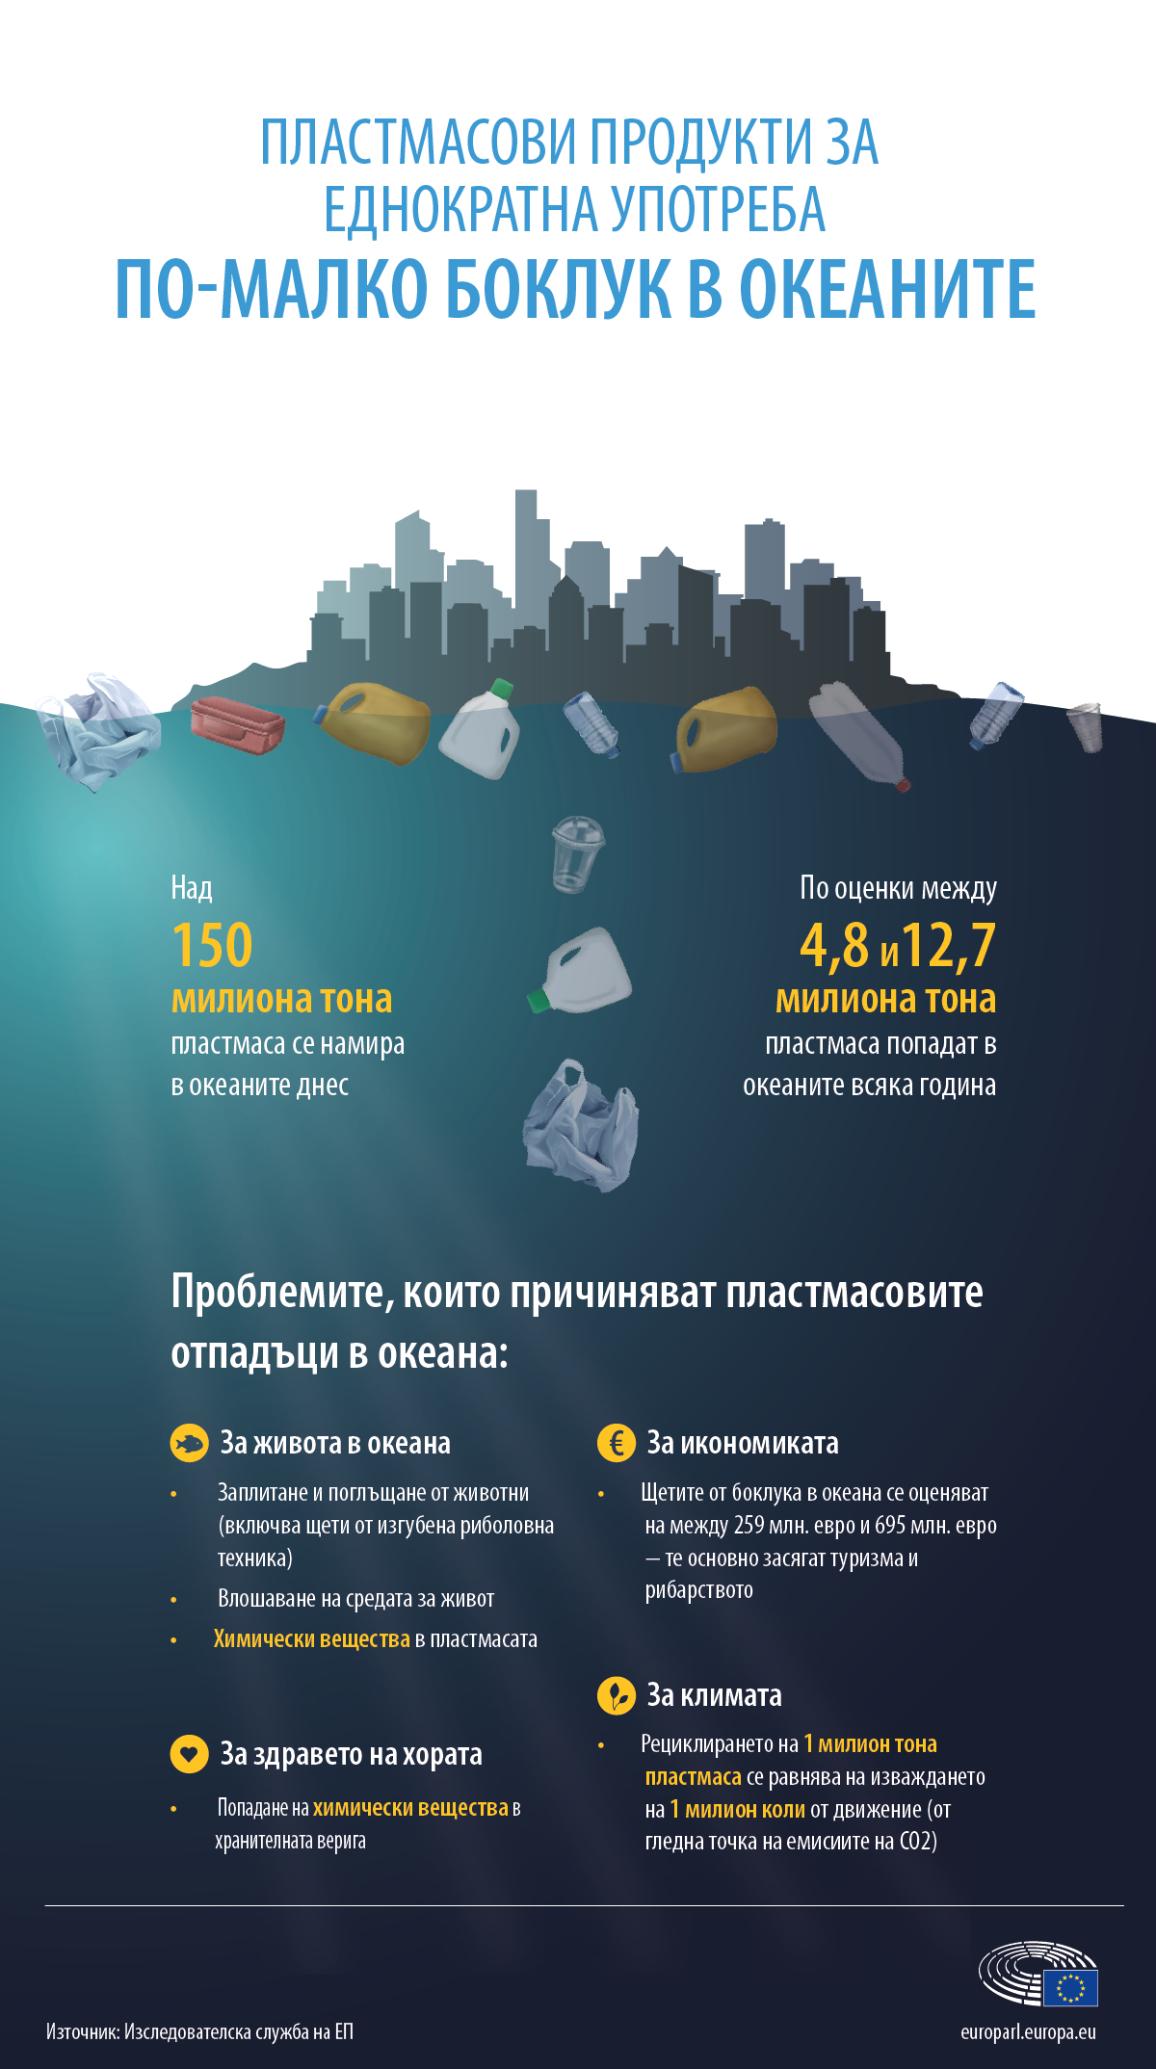 Инфографика за ключовите факти и проблемите, причинявани от пластмасовите отпадъци в океаните